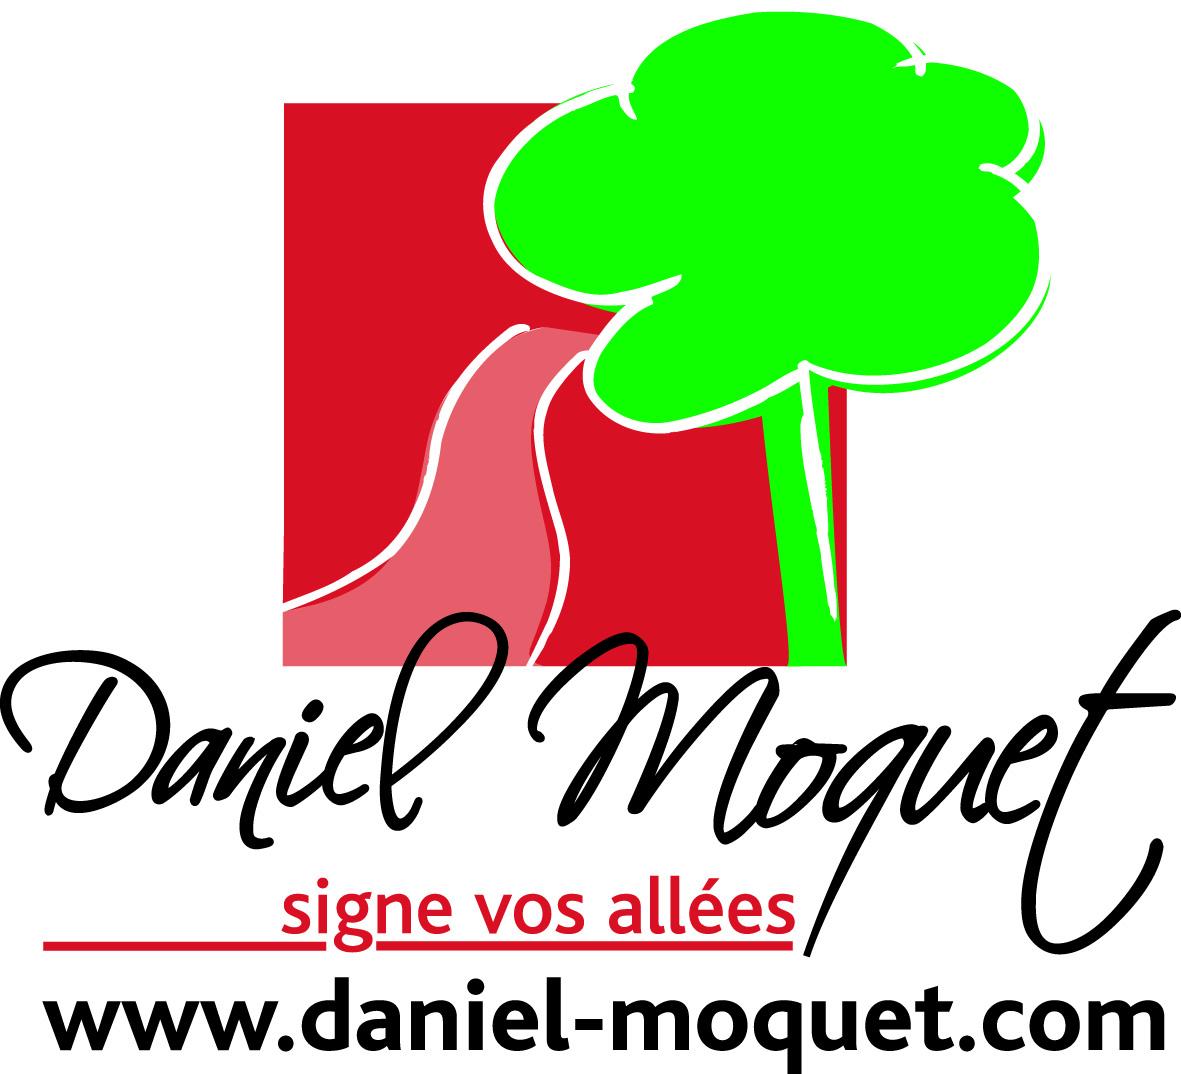 Daniel Moquet signe vos allées - Ent. Remaud